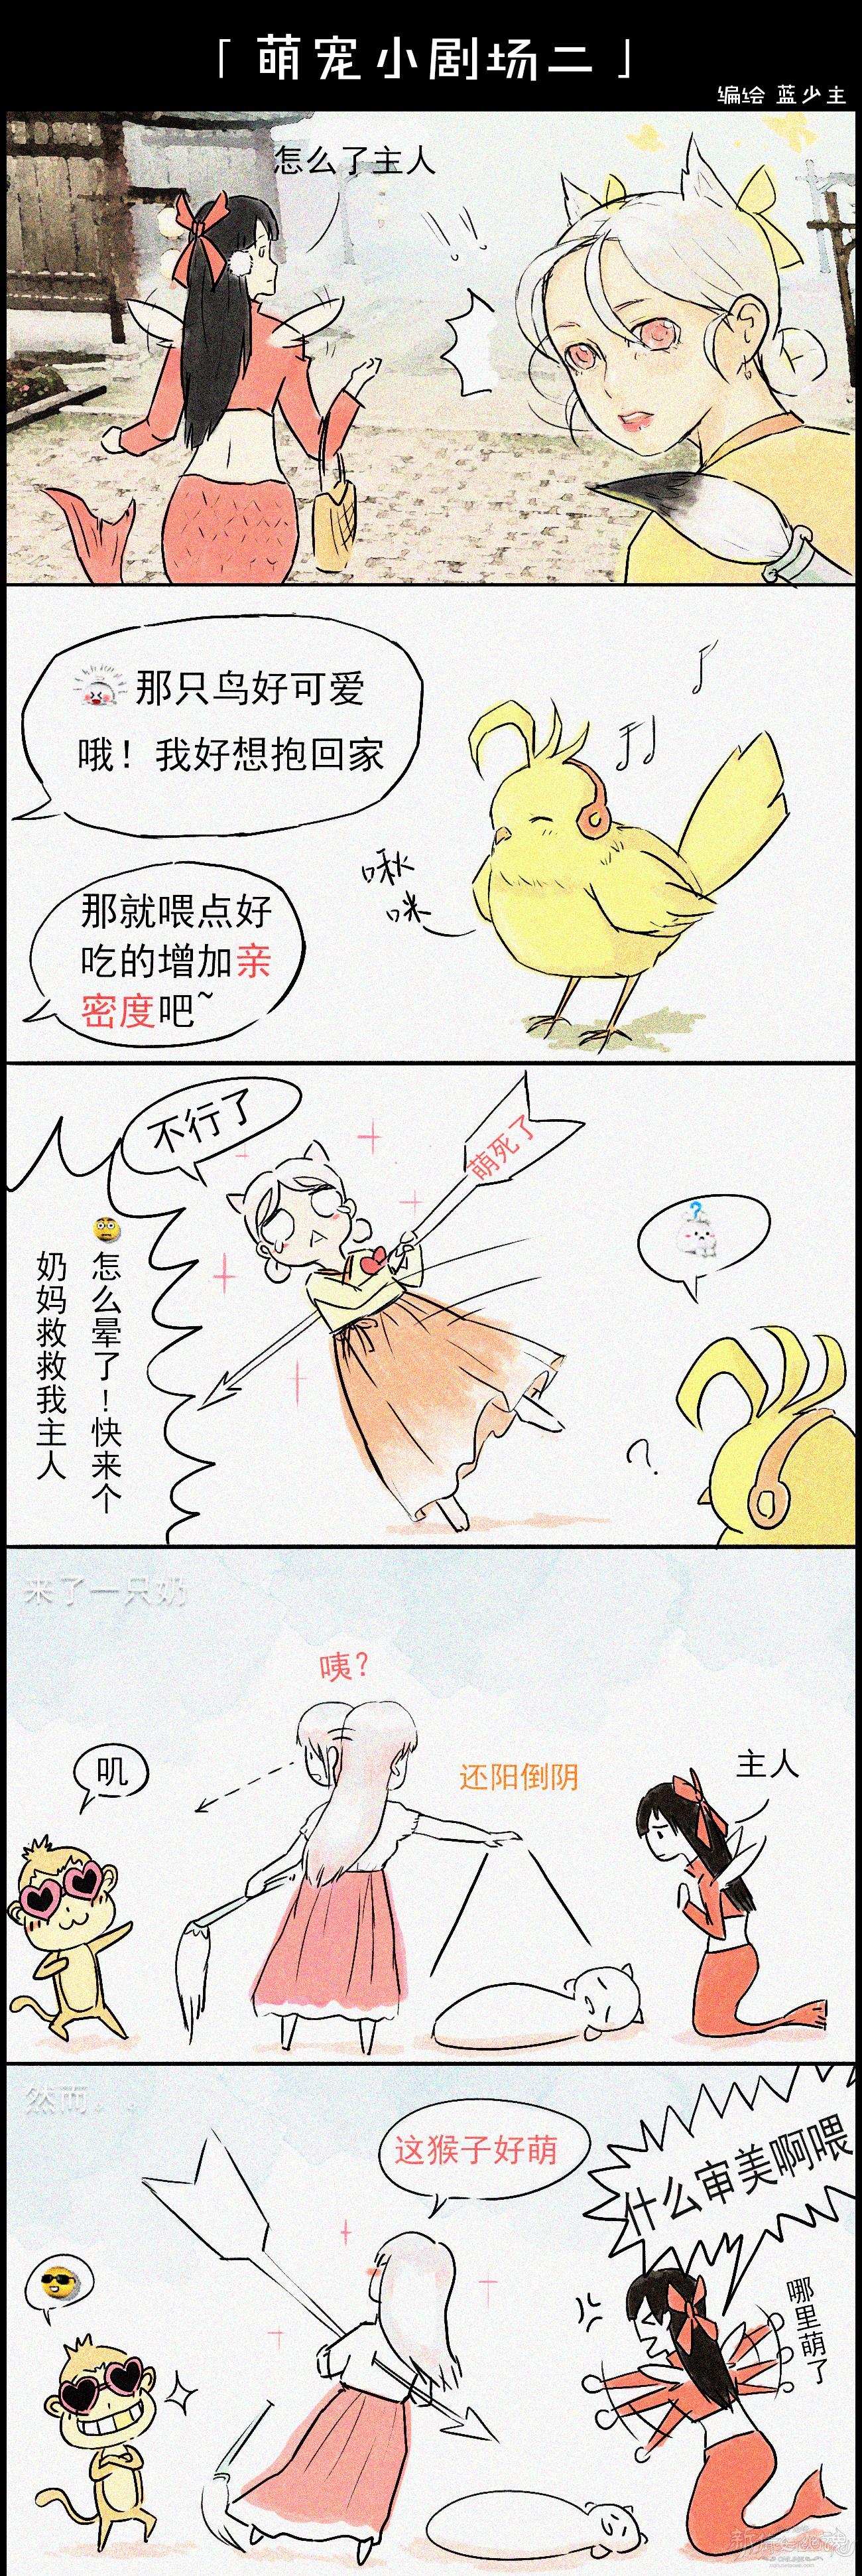 【名人堂】【试用】《萌宠小剧场二》